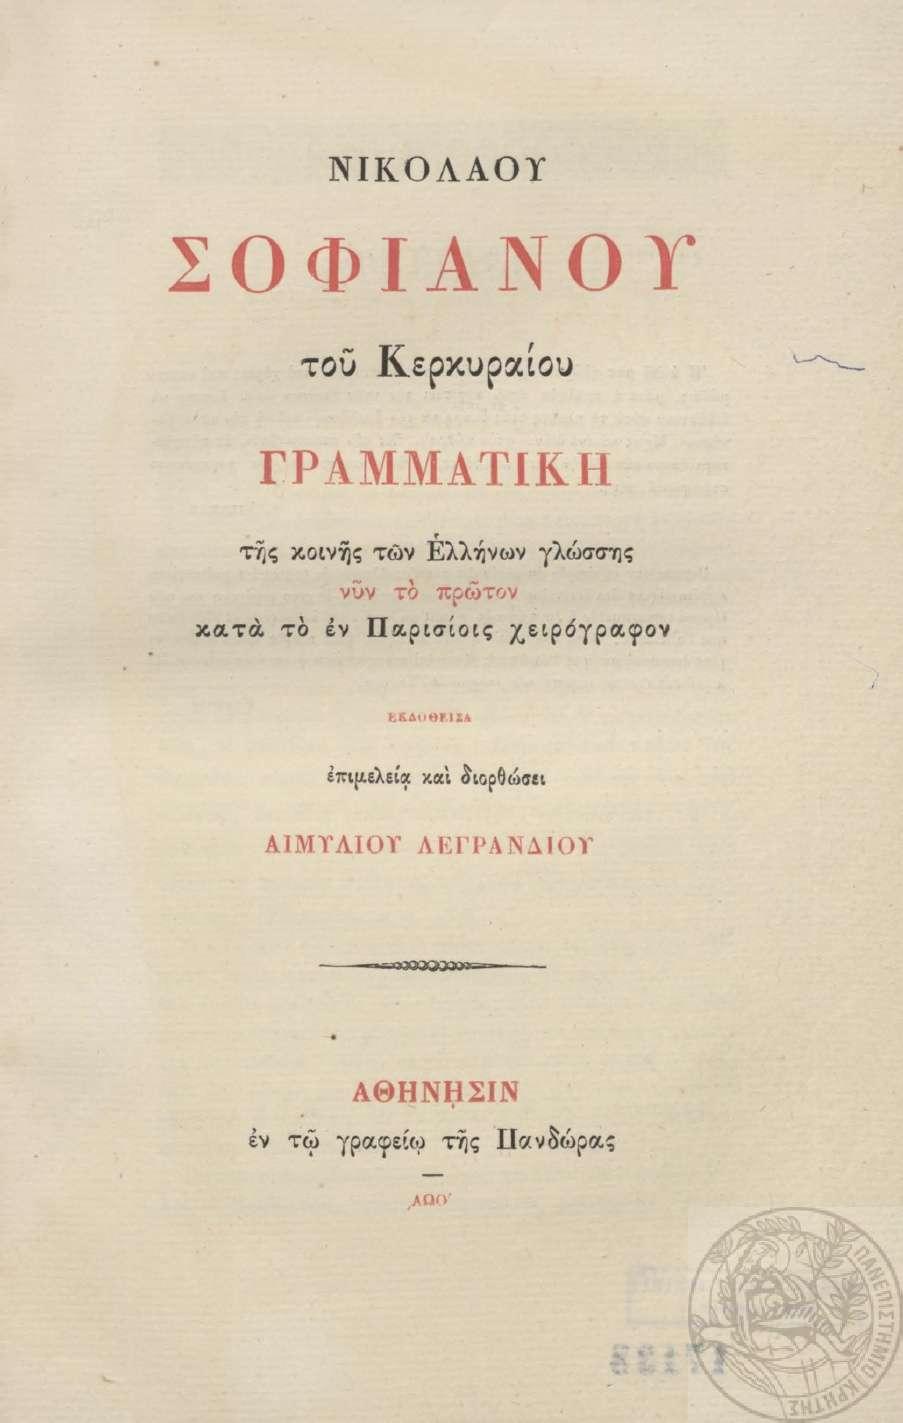 Νικόλαος Σοφιανός - Γραμματική της κοινής τω